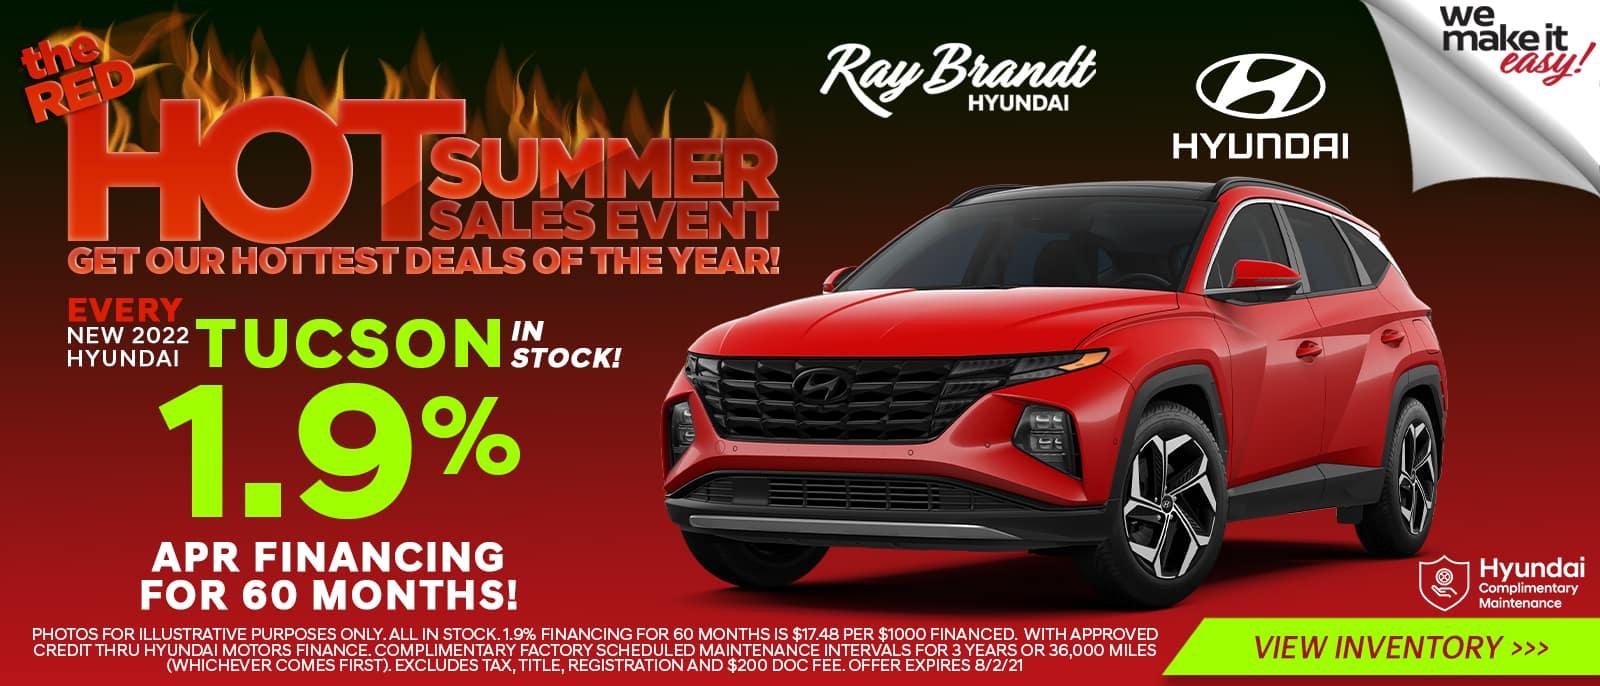 New 2022 Hyundai Tucson in Stock